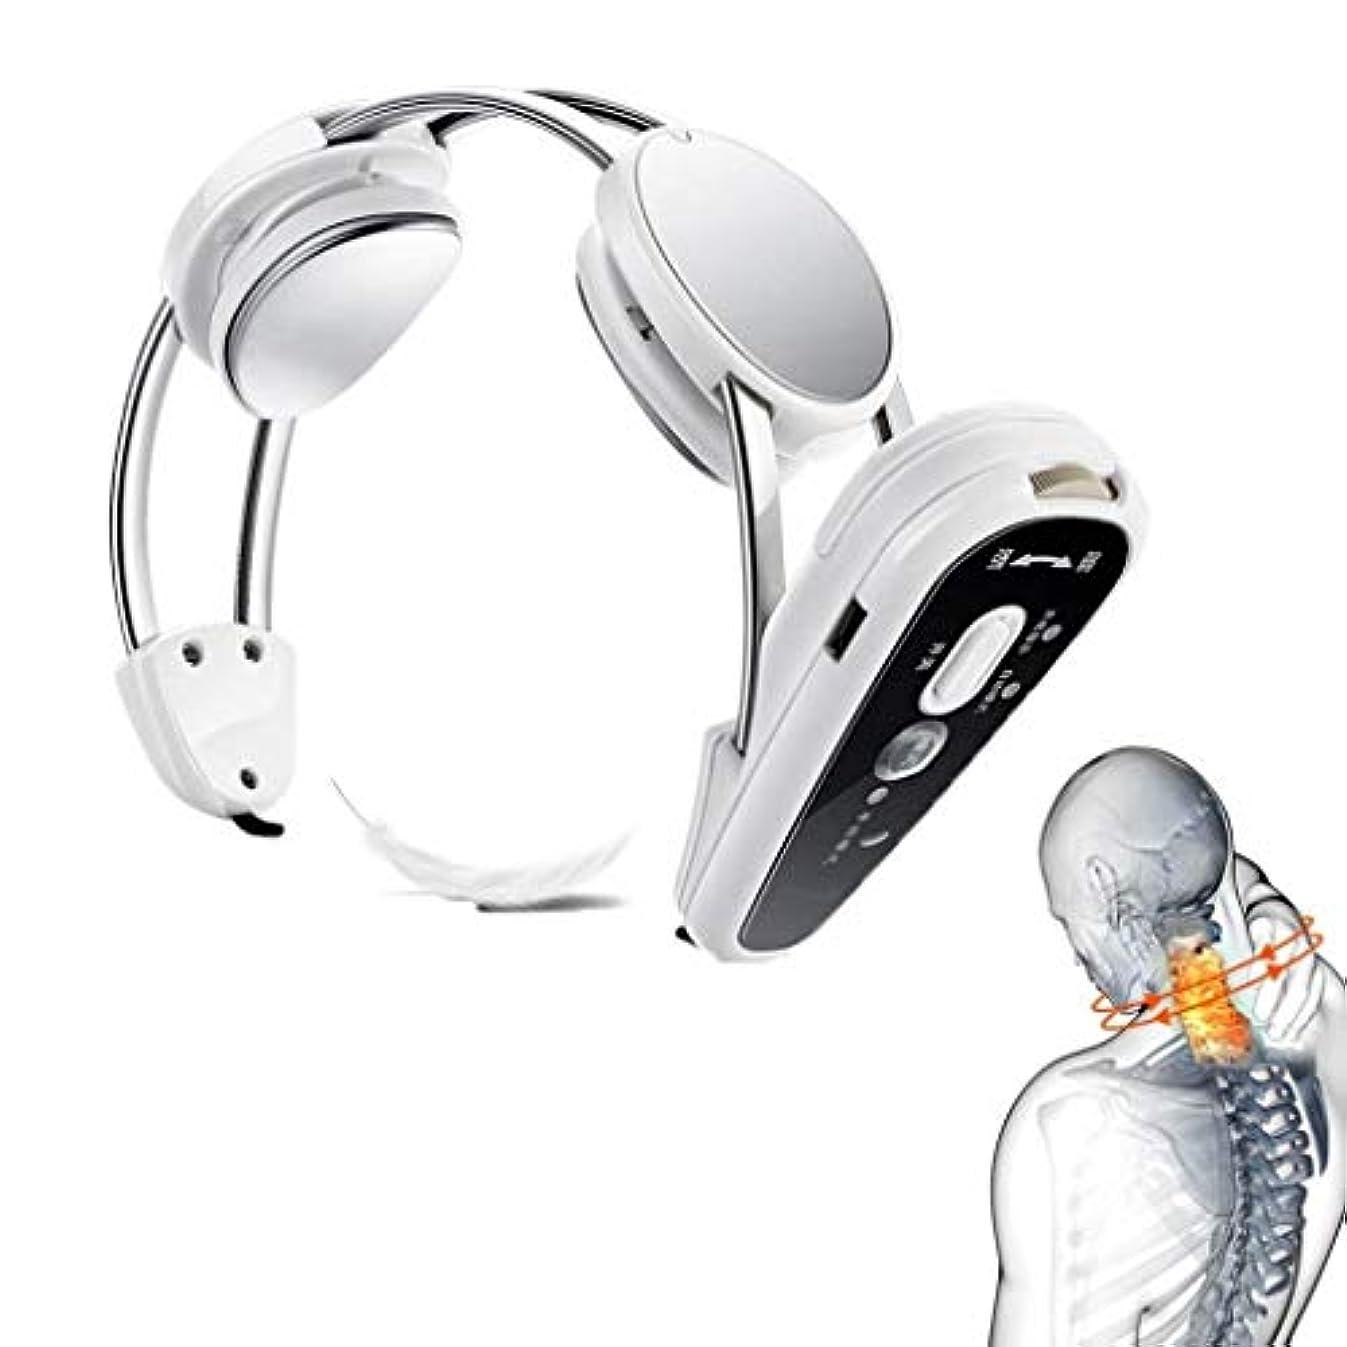 とげ栄光一方、熱くするUSB充満の電気首のマッサージャーは筋肉痛を取り除き、慢性的な首の苦痛を取り除きます、家、オフィス/車/家のポータブル